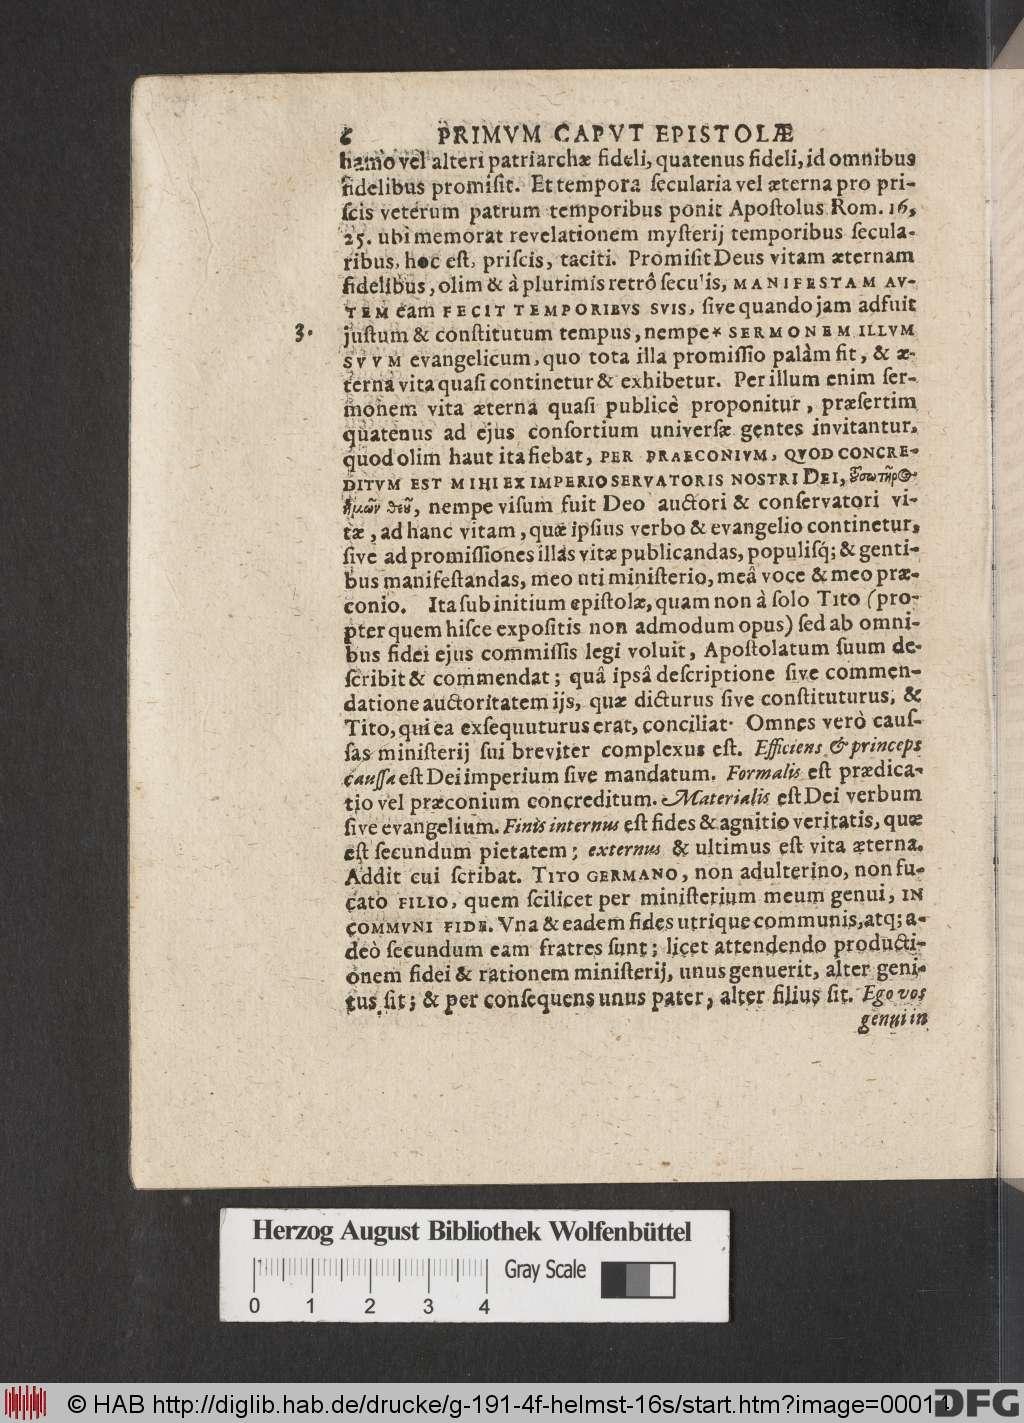 http://diglib.hab.de/drucke/g-191-4f-helmst-16s/00014.jpg